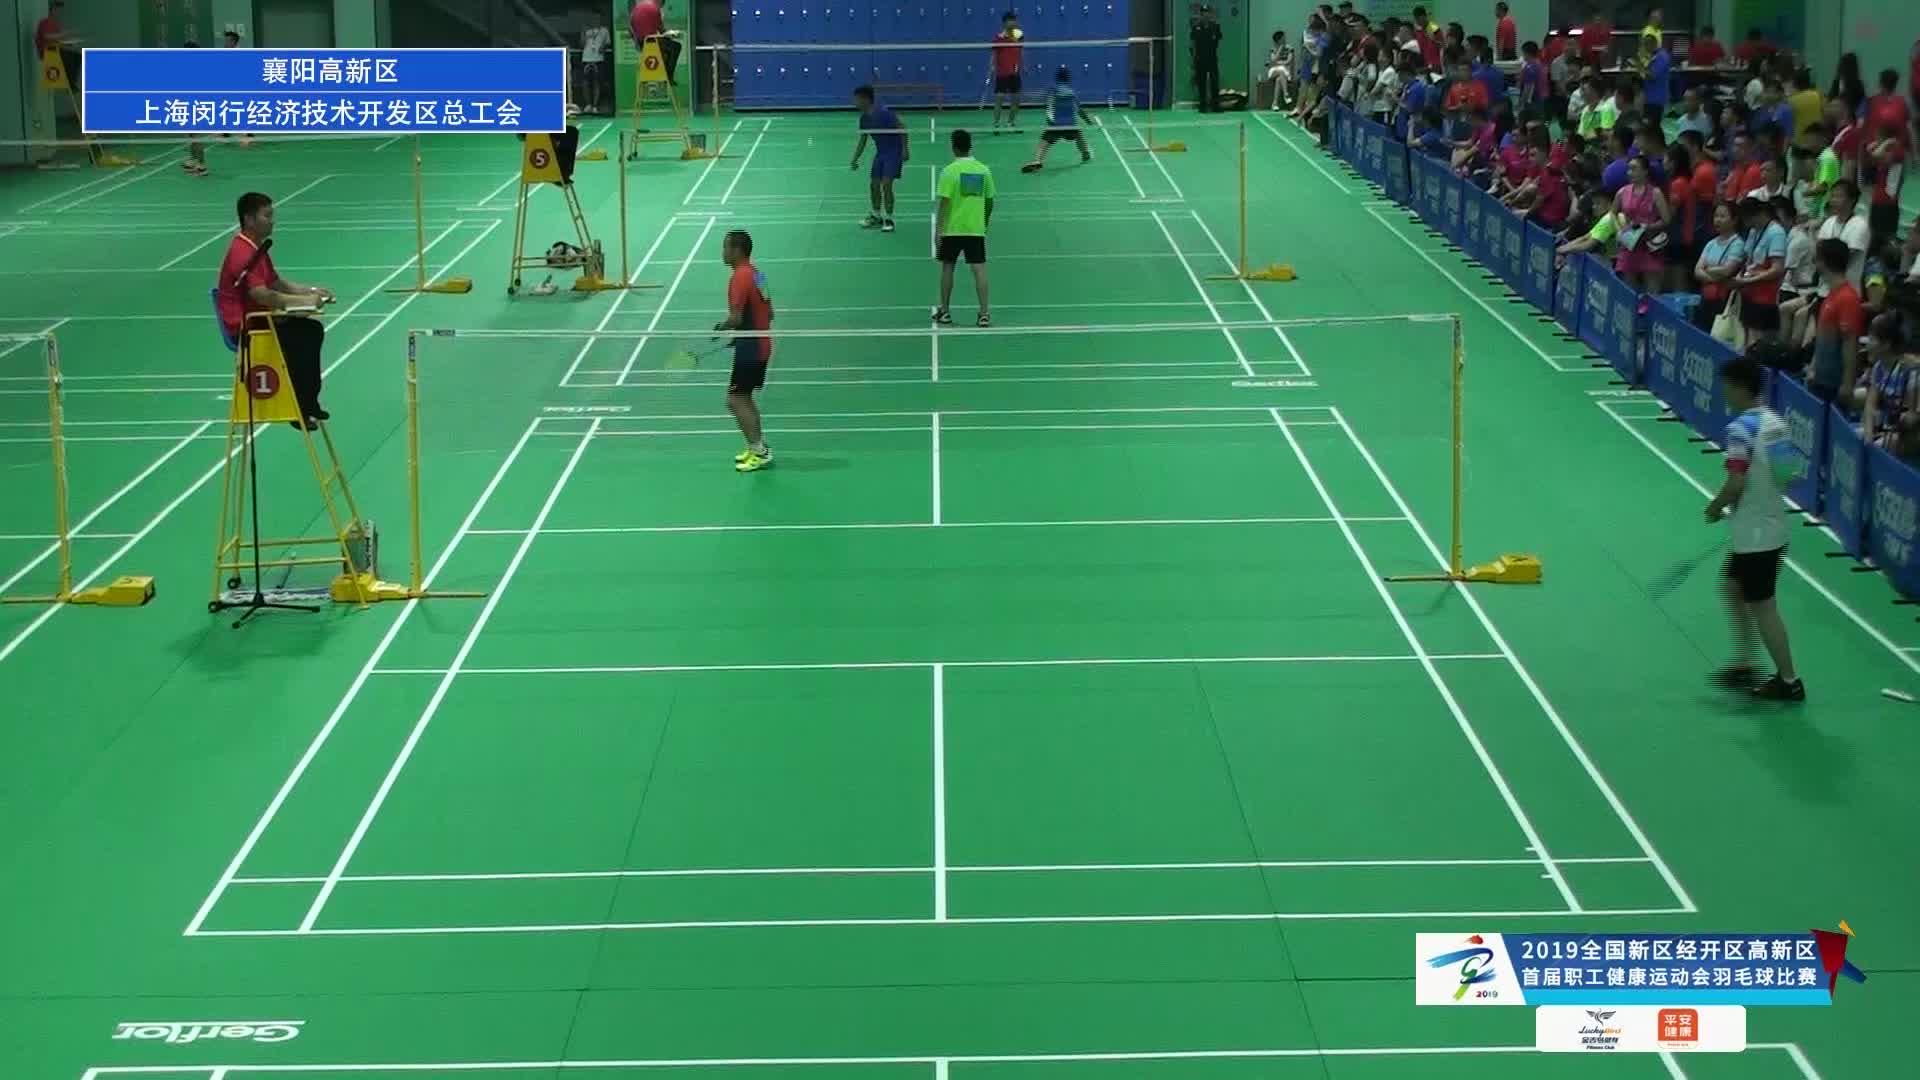 全国新区经开区高新区首届职工健康运动会羽毛球比赛1